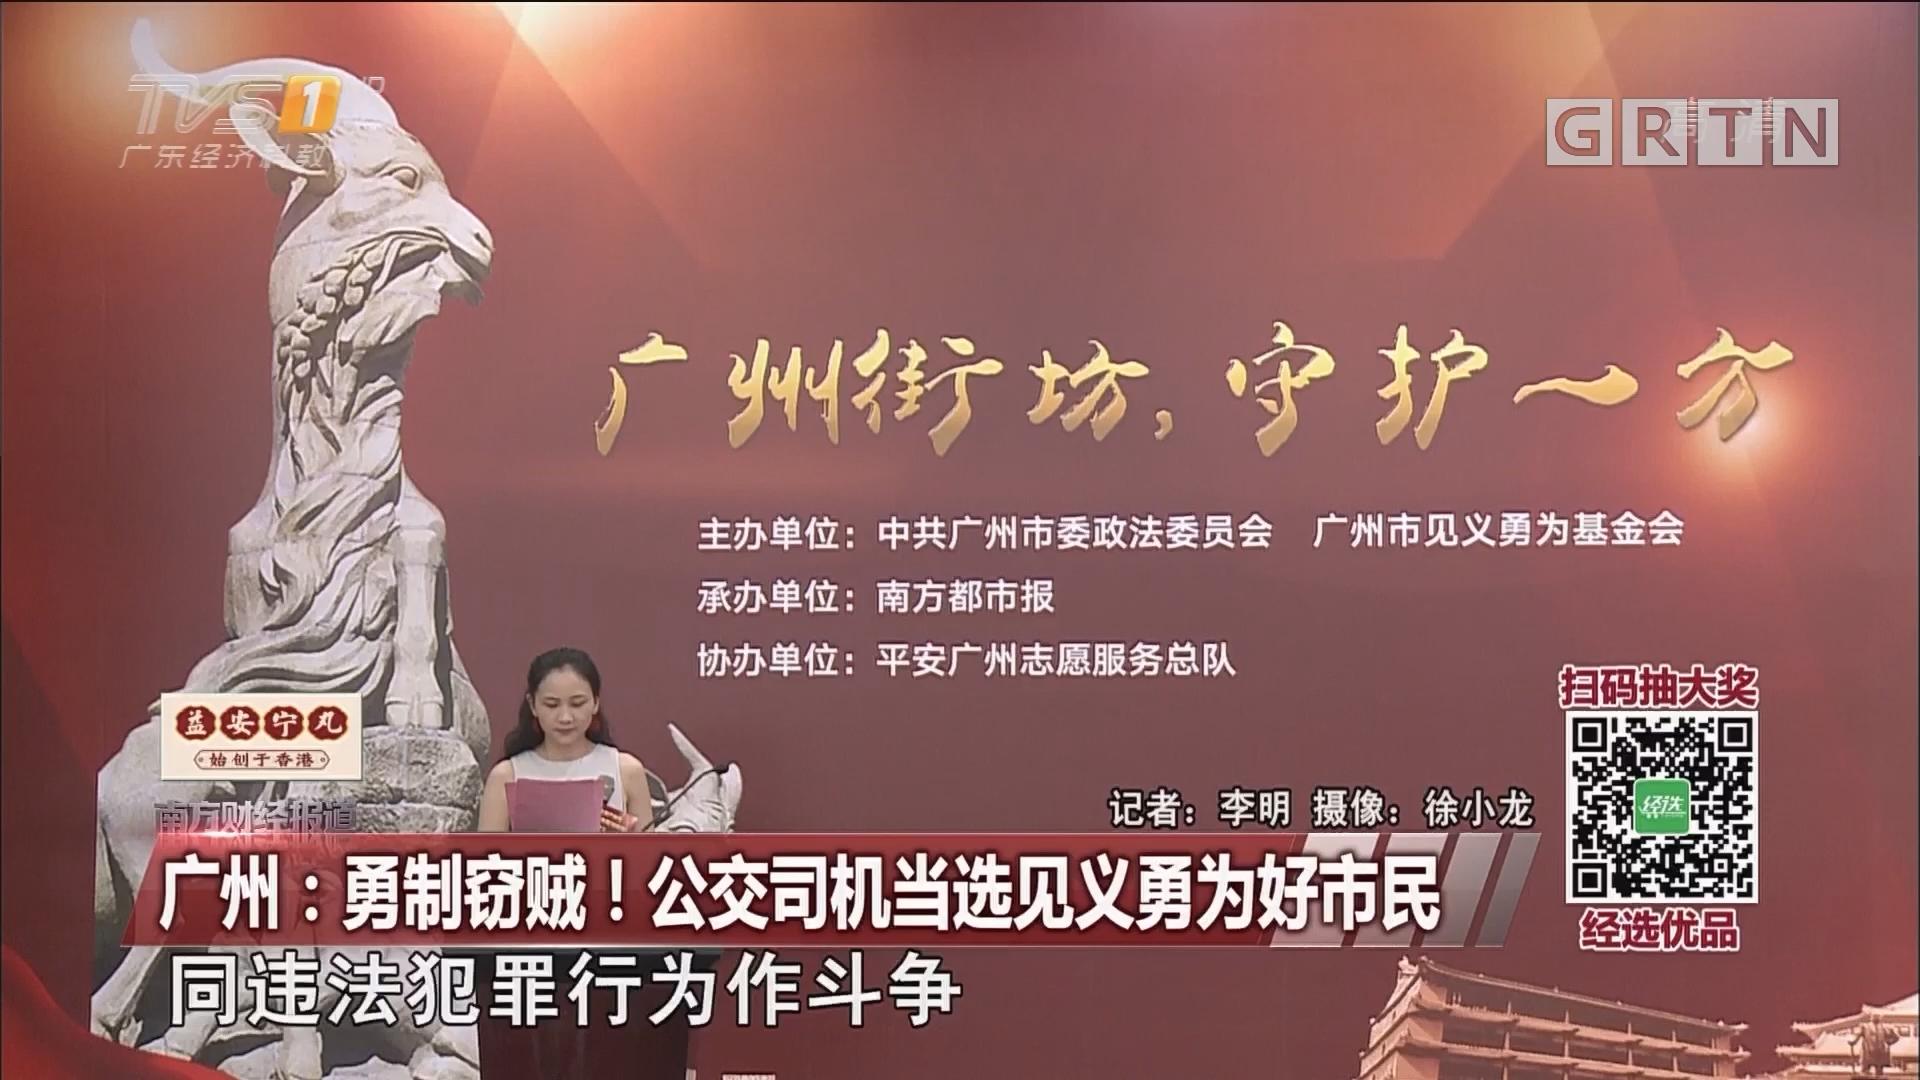 广州:勇制窃贼!公交司机当选见义勇为好市民